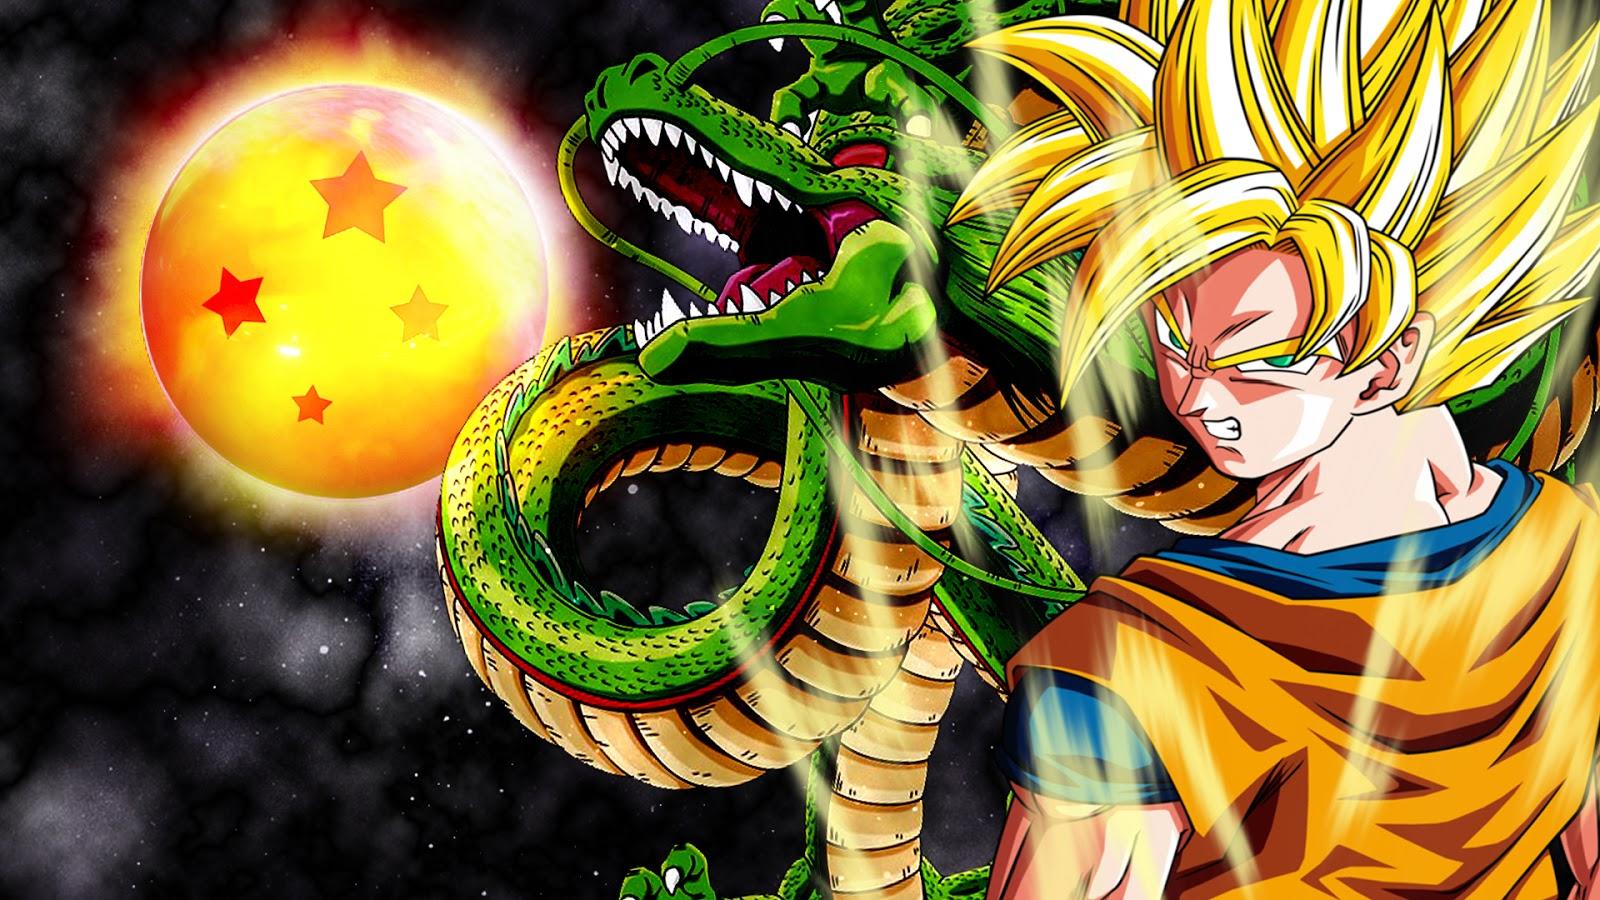 Hd wallpaper dragon ball - Dragon Ball Z Hd Wallpapers